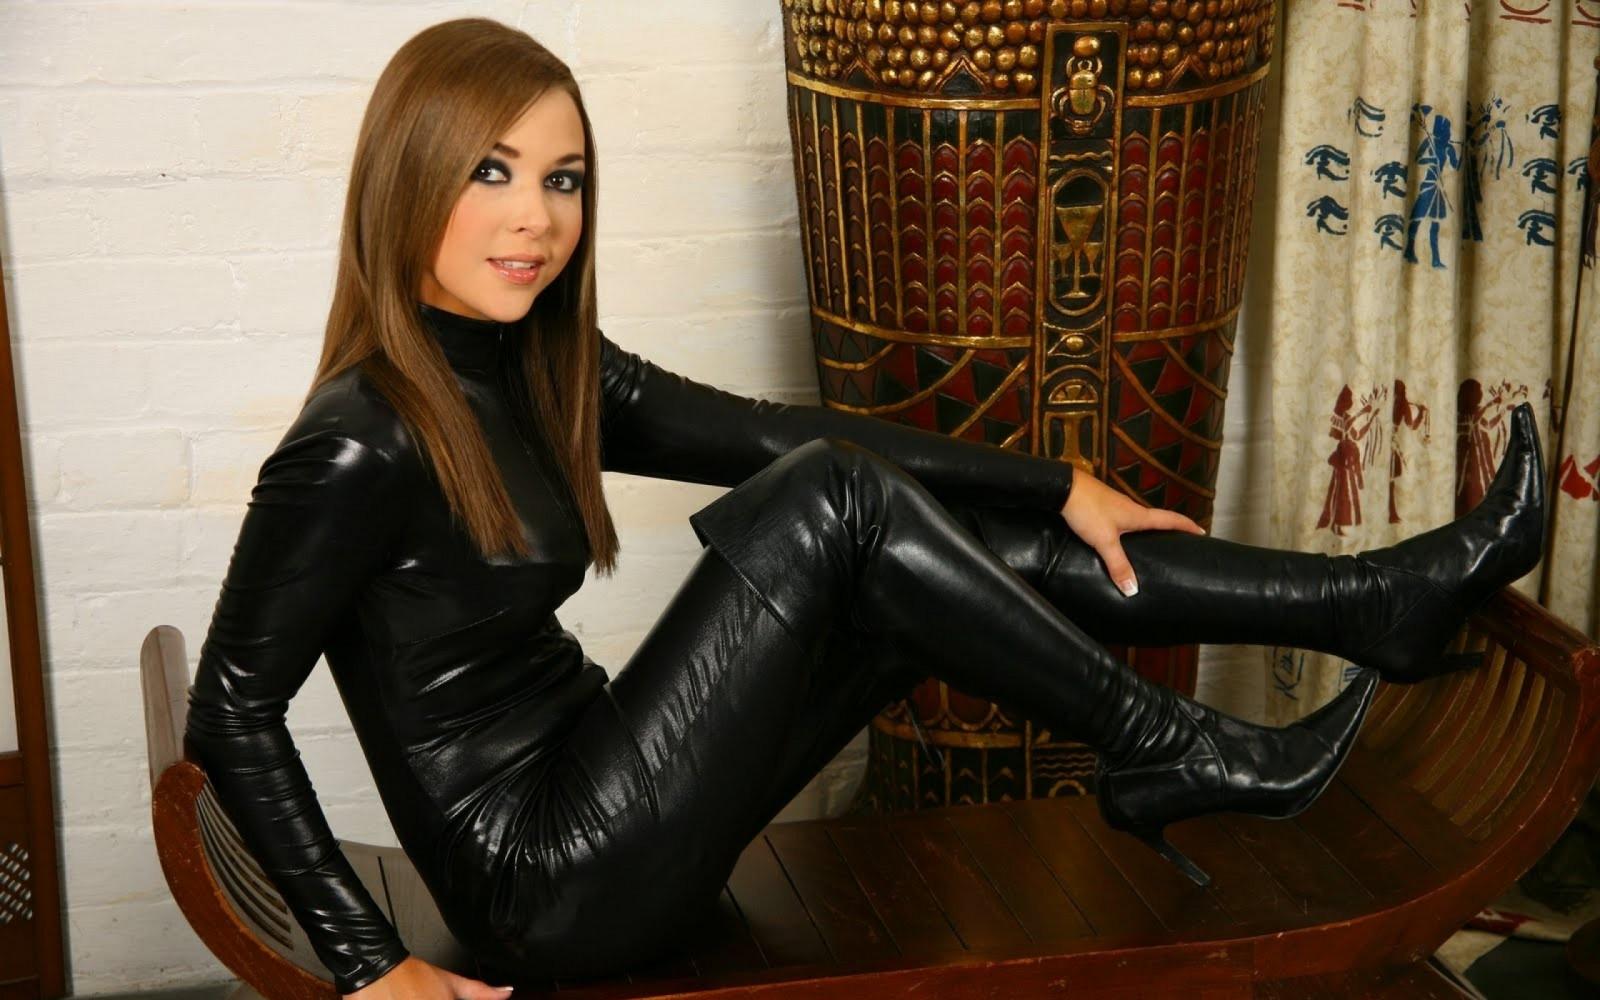 Wallpaper  Pants, Leggings, Tights, Leather, Girl, Leg, Material, Shoe, Footwear -4536